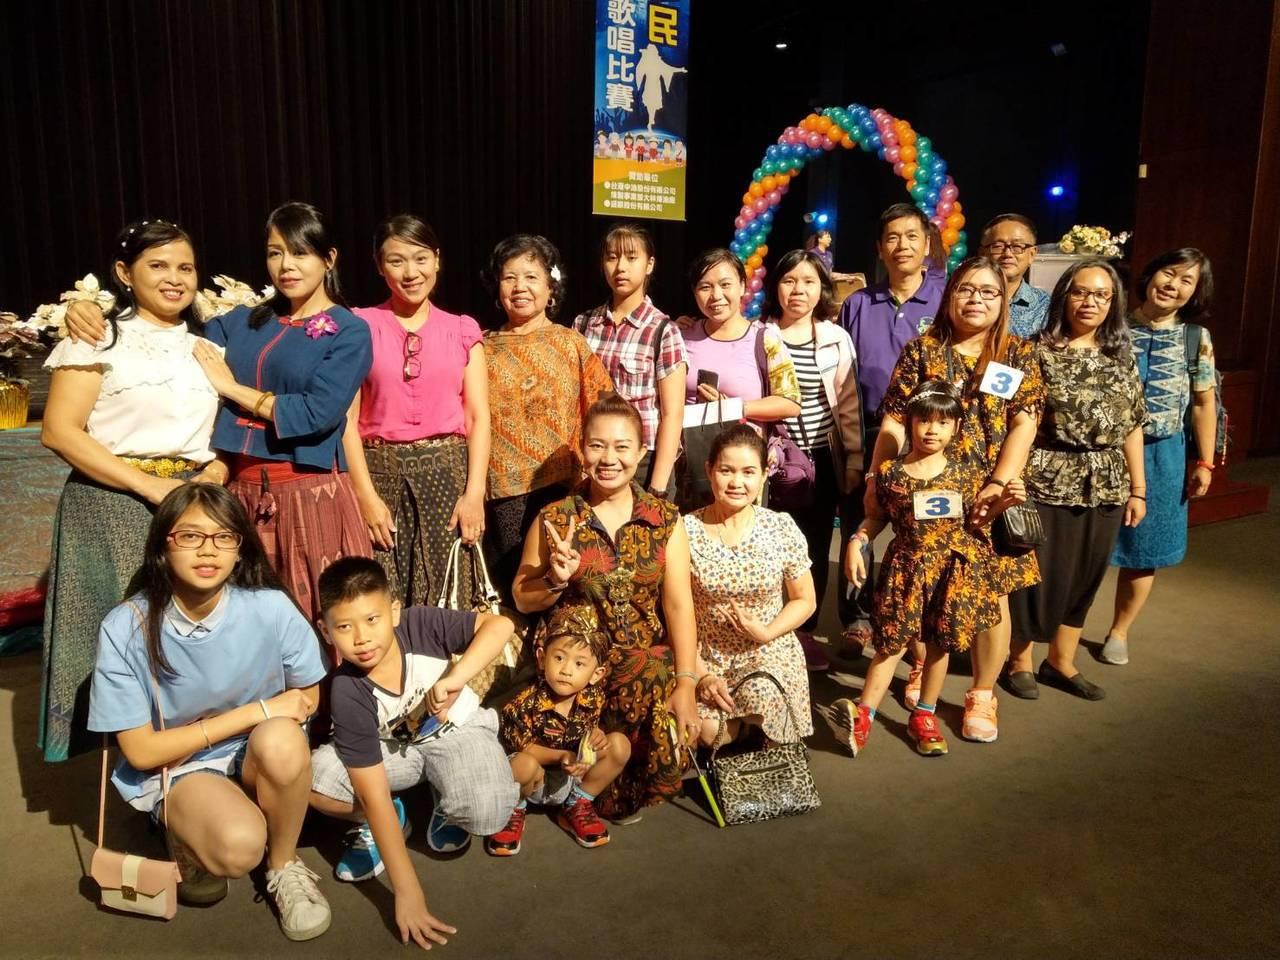 「異國風華.台灣加油-2019新住民歌唱比賽」在高雄社教館舉行。記者徐如宜/攝影